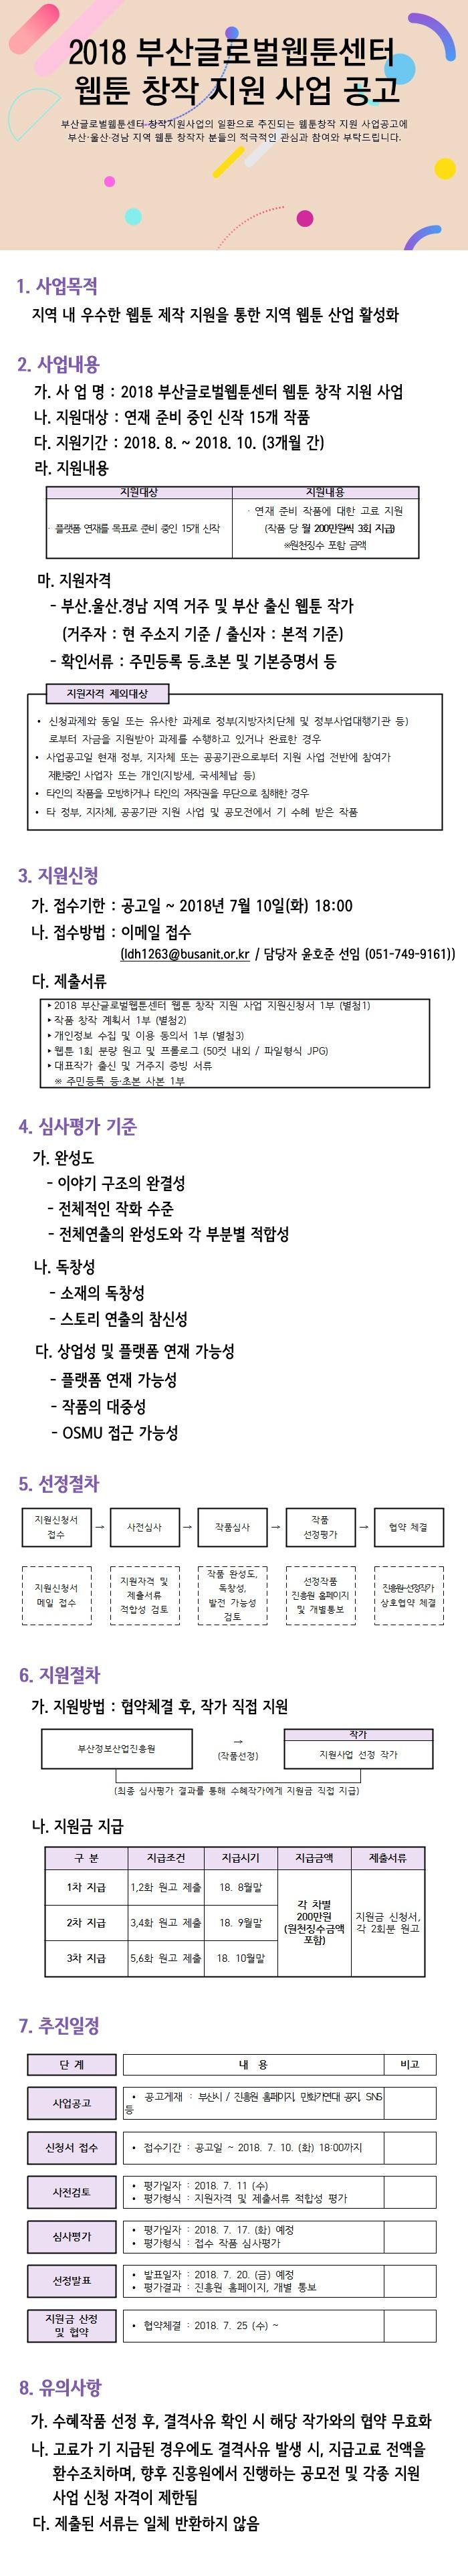 2018 부산글로벌웹툰센터 웹툰 창작 지원 사업 공고